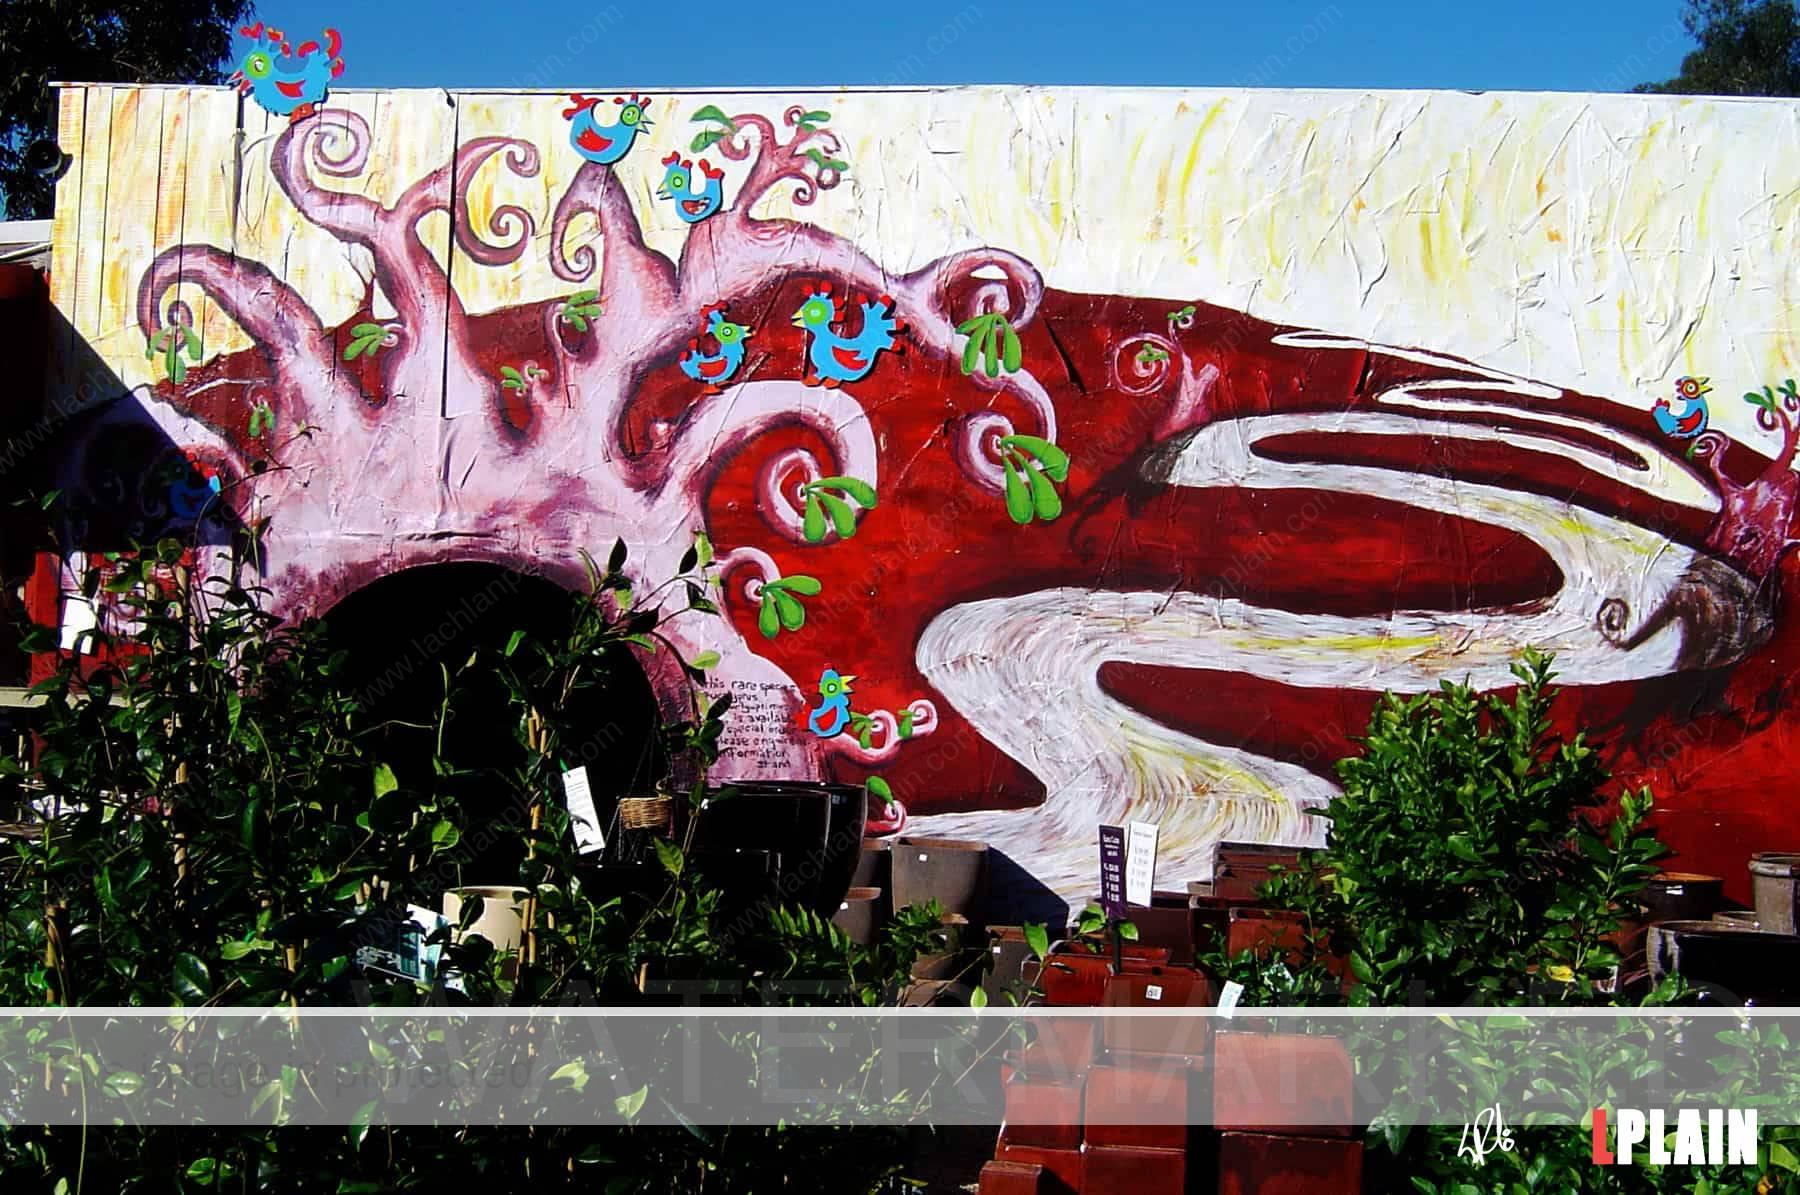 Big_Tree_Mural